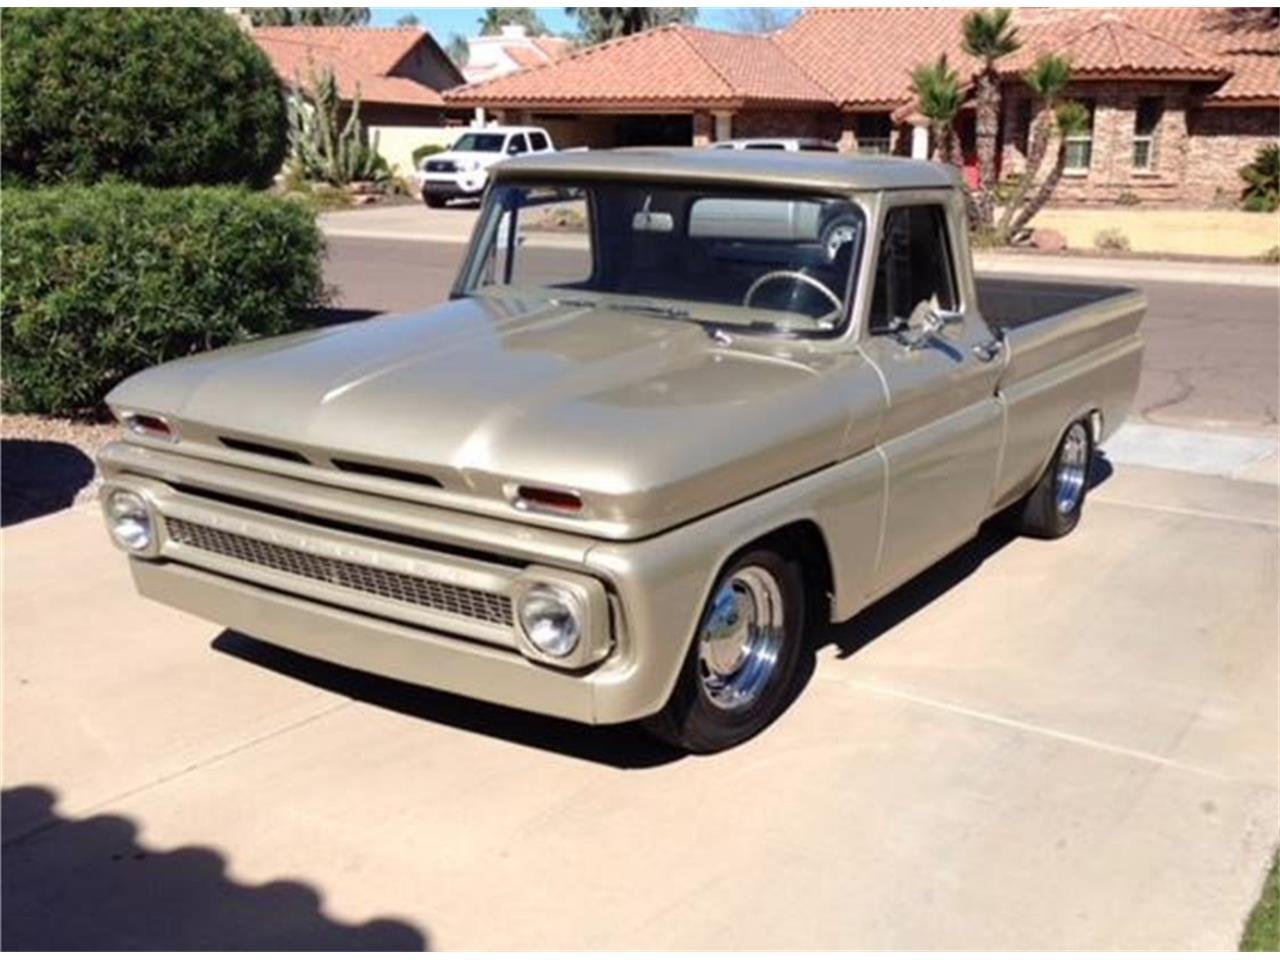 Large Picture of Classic '66 C10 located in Tempe Arizona - $17,000.00 - QNAU